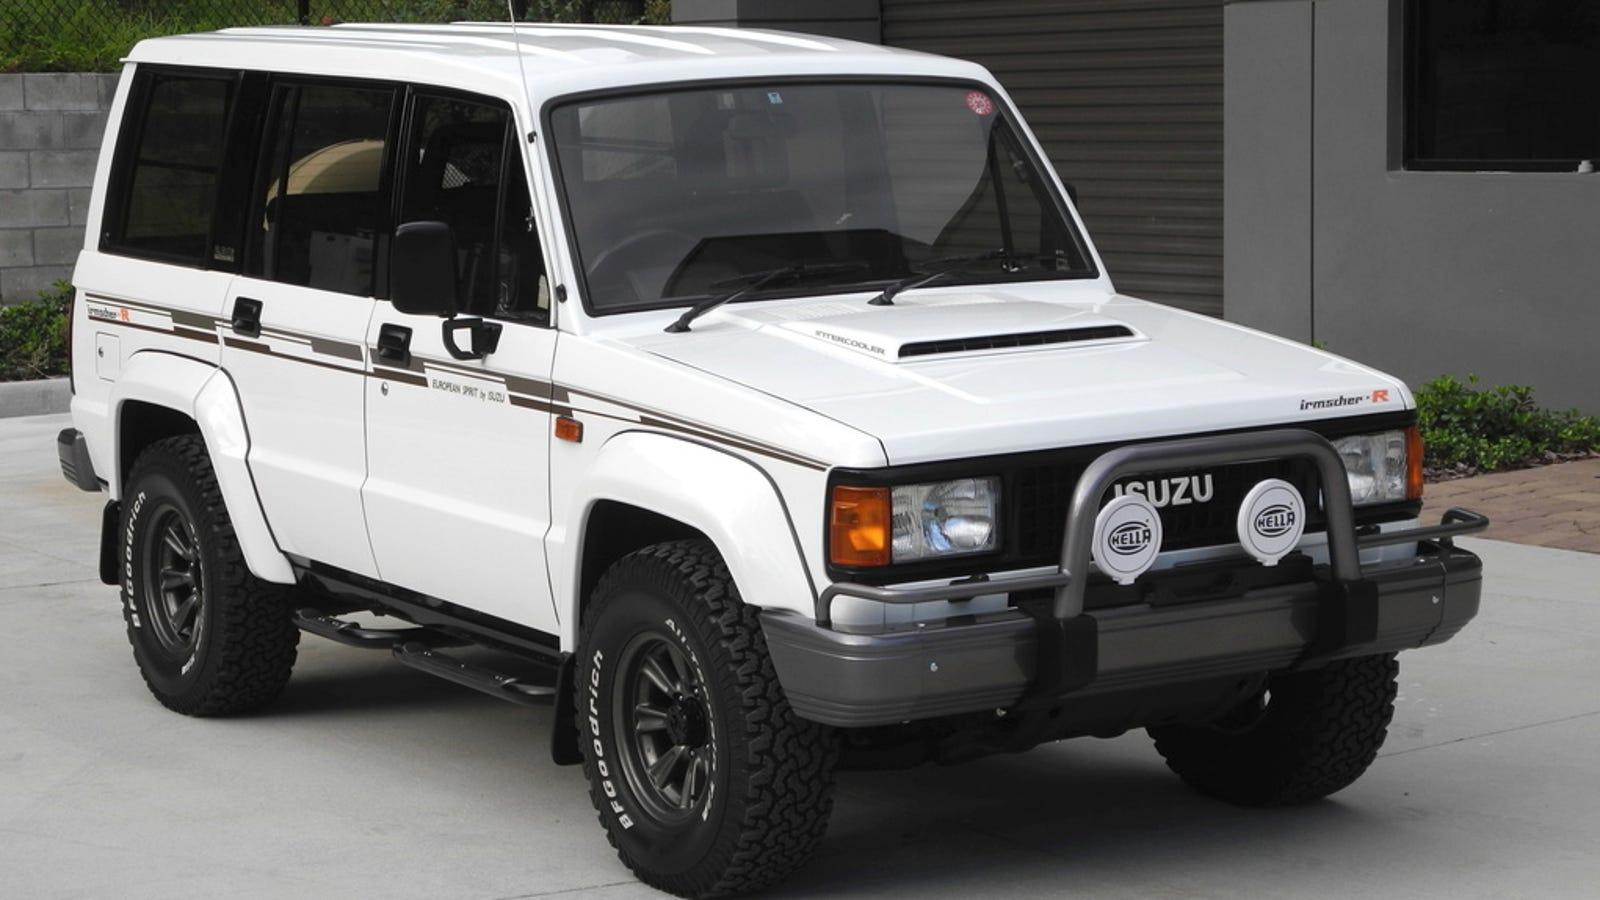 For $33,000, Does This 1989 Isuzu Trooper Bighorn Irmscher R Turbo-Diesel  Impress?